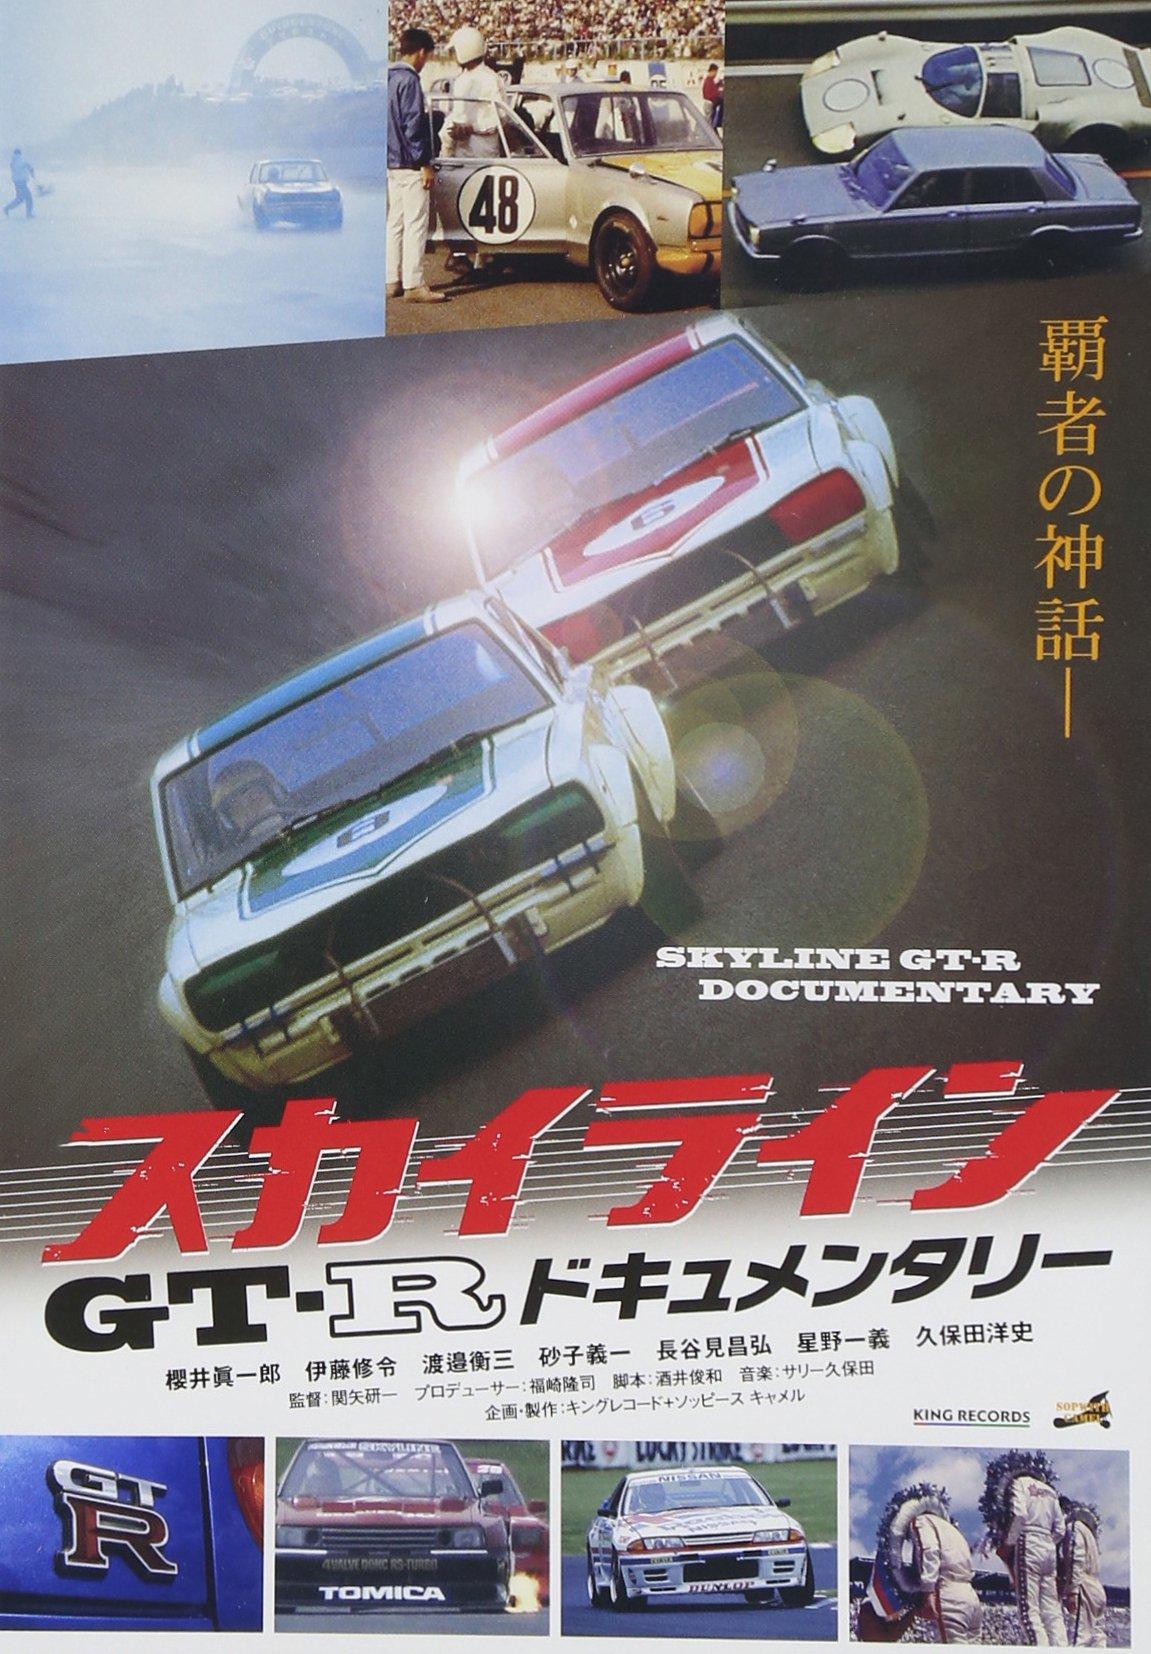 Japanese Movie (Documentary) - Skyline Gt-R Documentary [Japan DVD] KIBF-1191